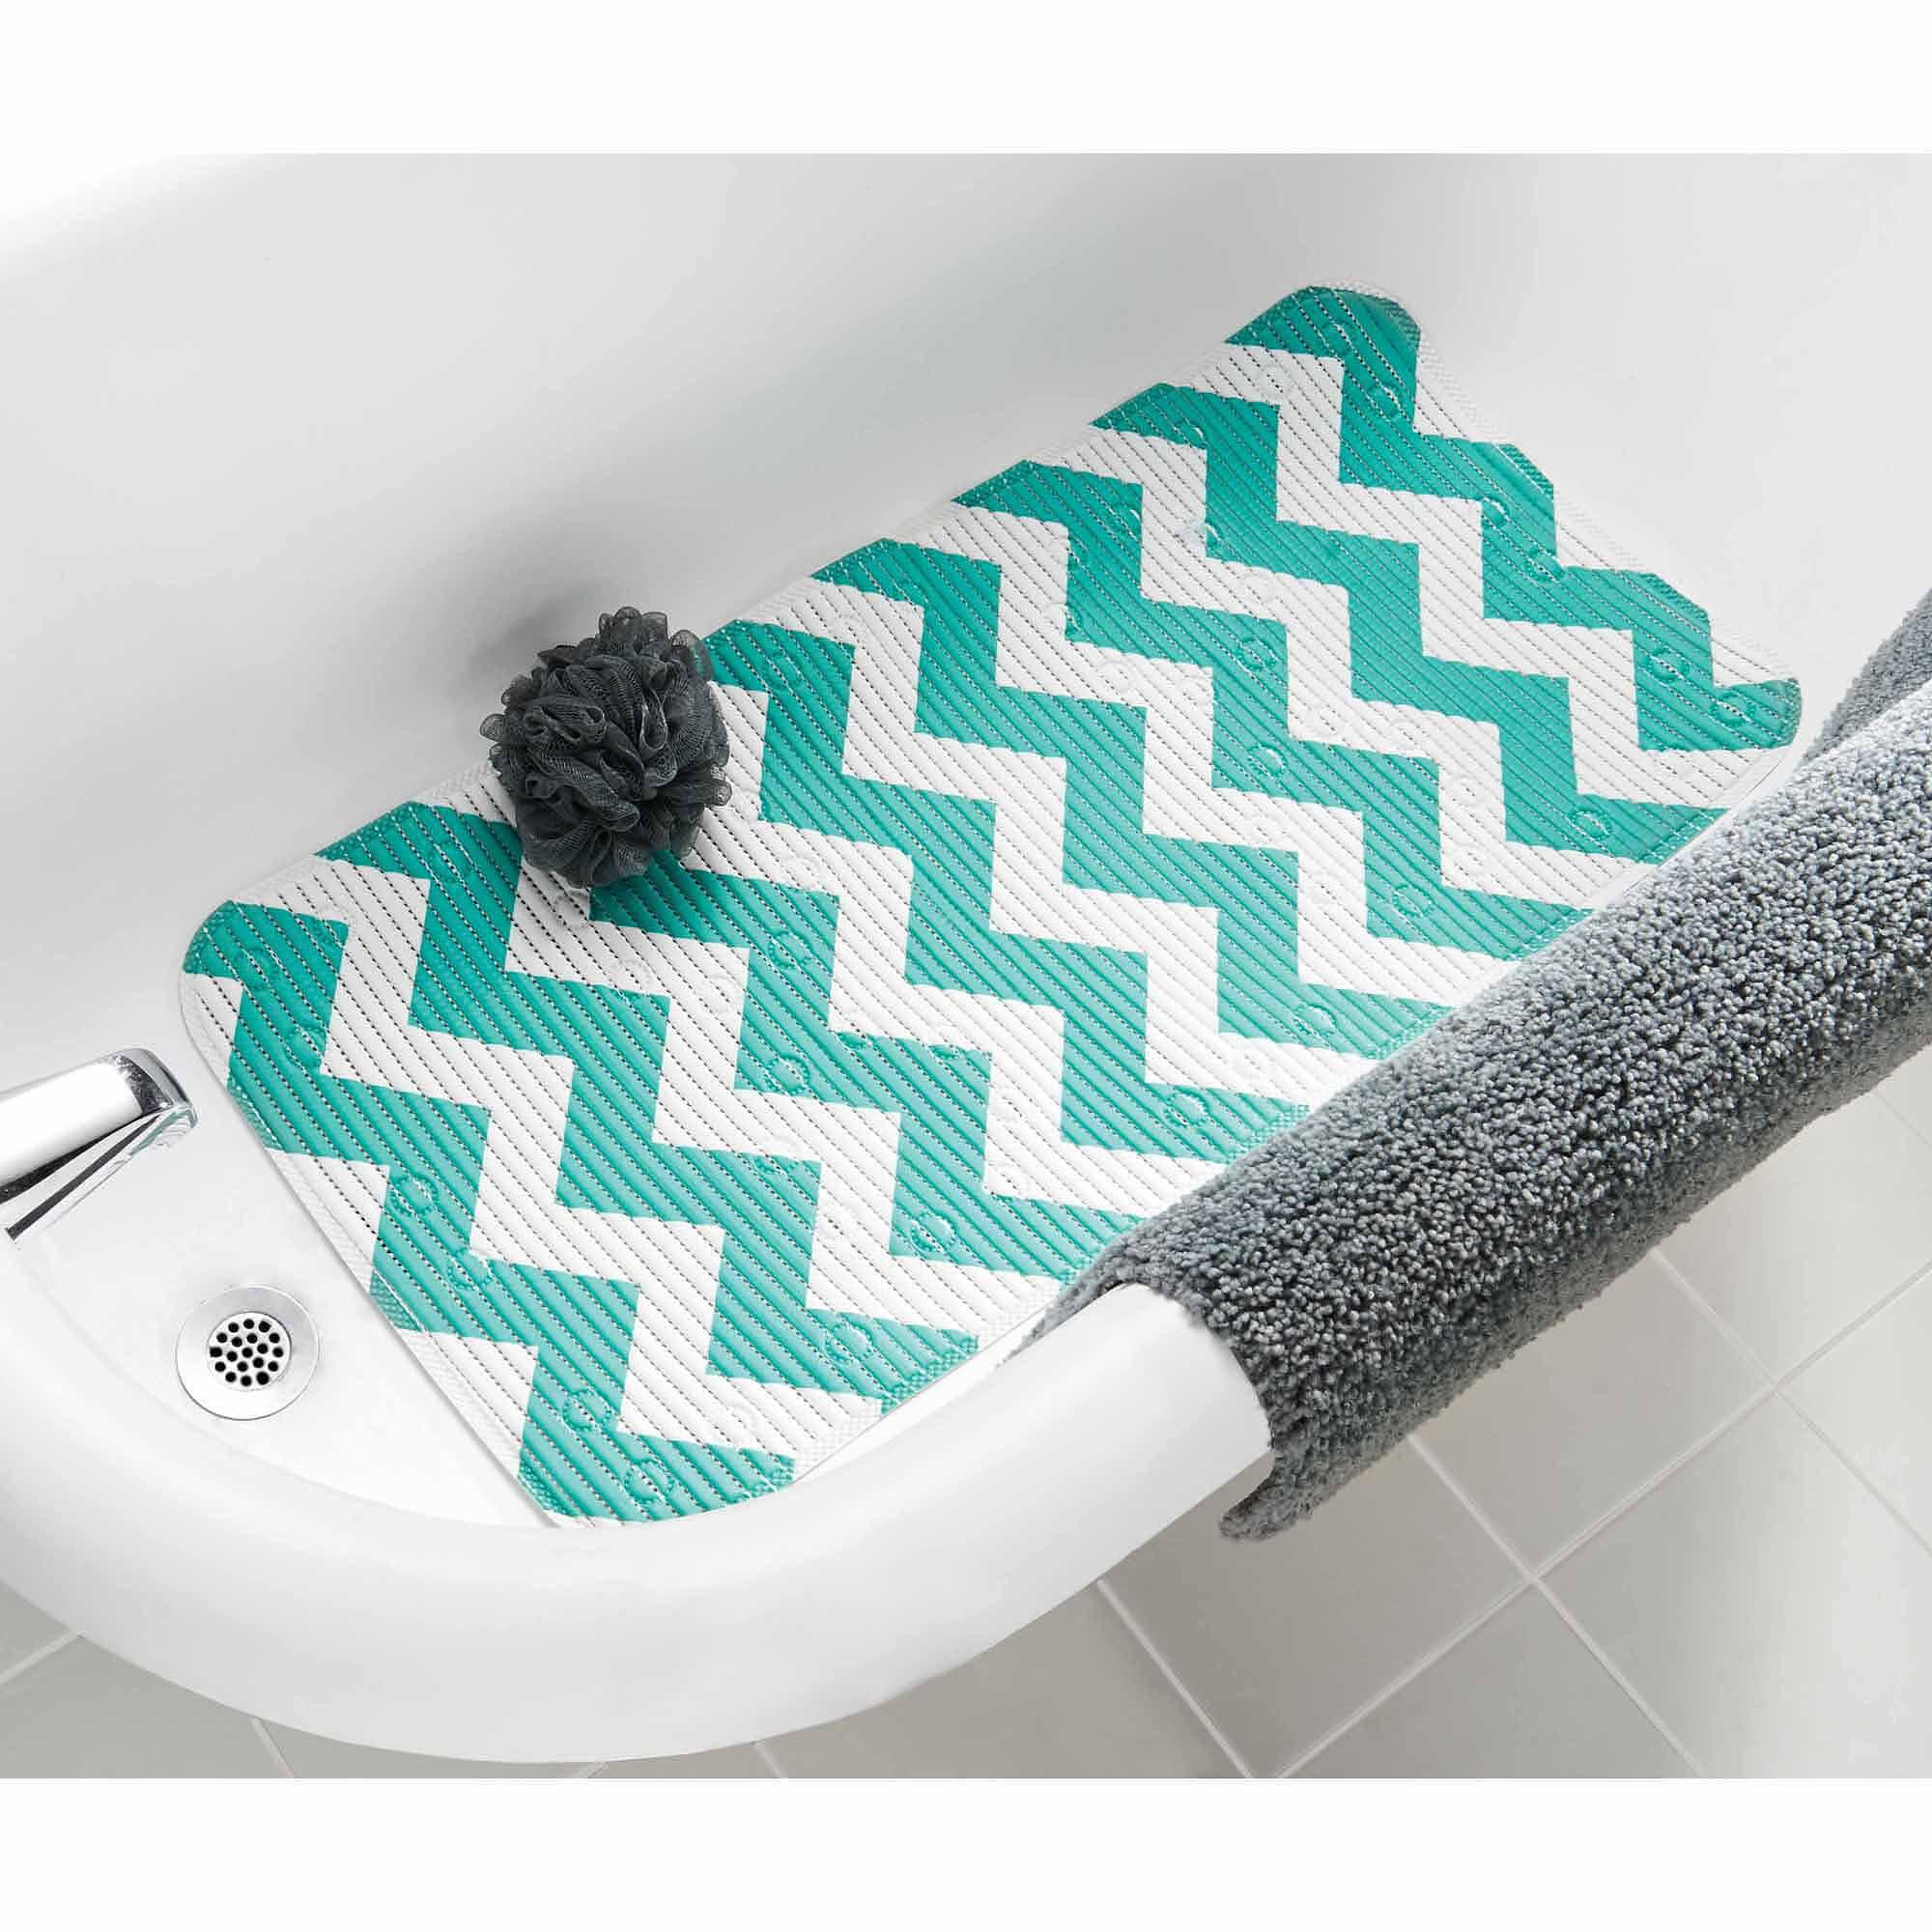 mainstays softex designer cushion bath mat chevron teal island mainstays softex designer cushion bath mat chevron teal island walmart com